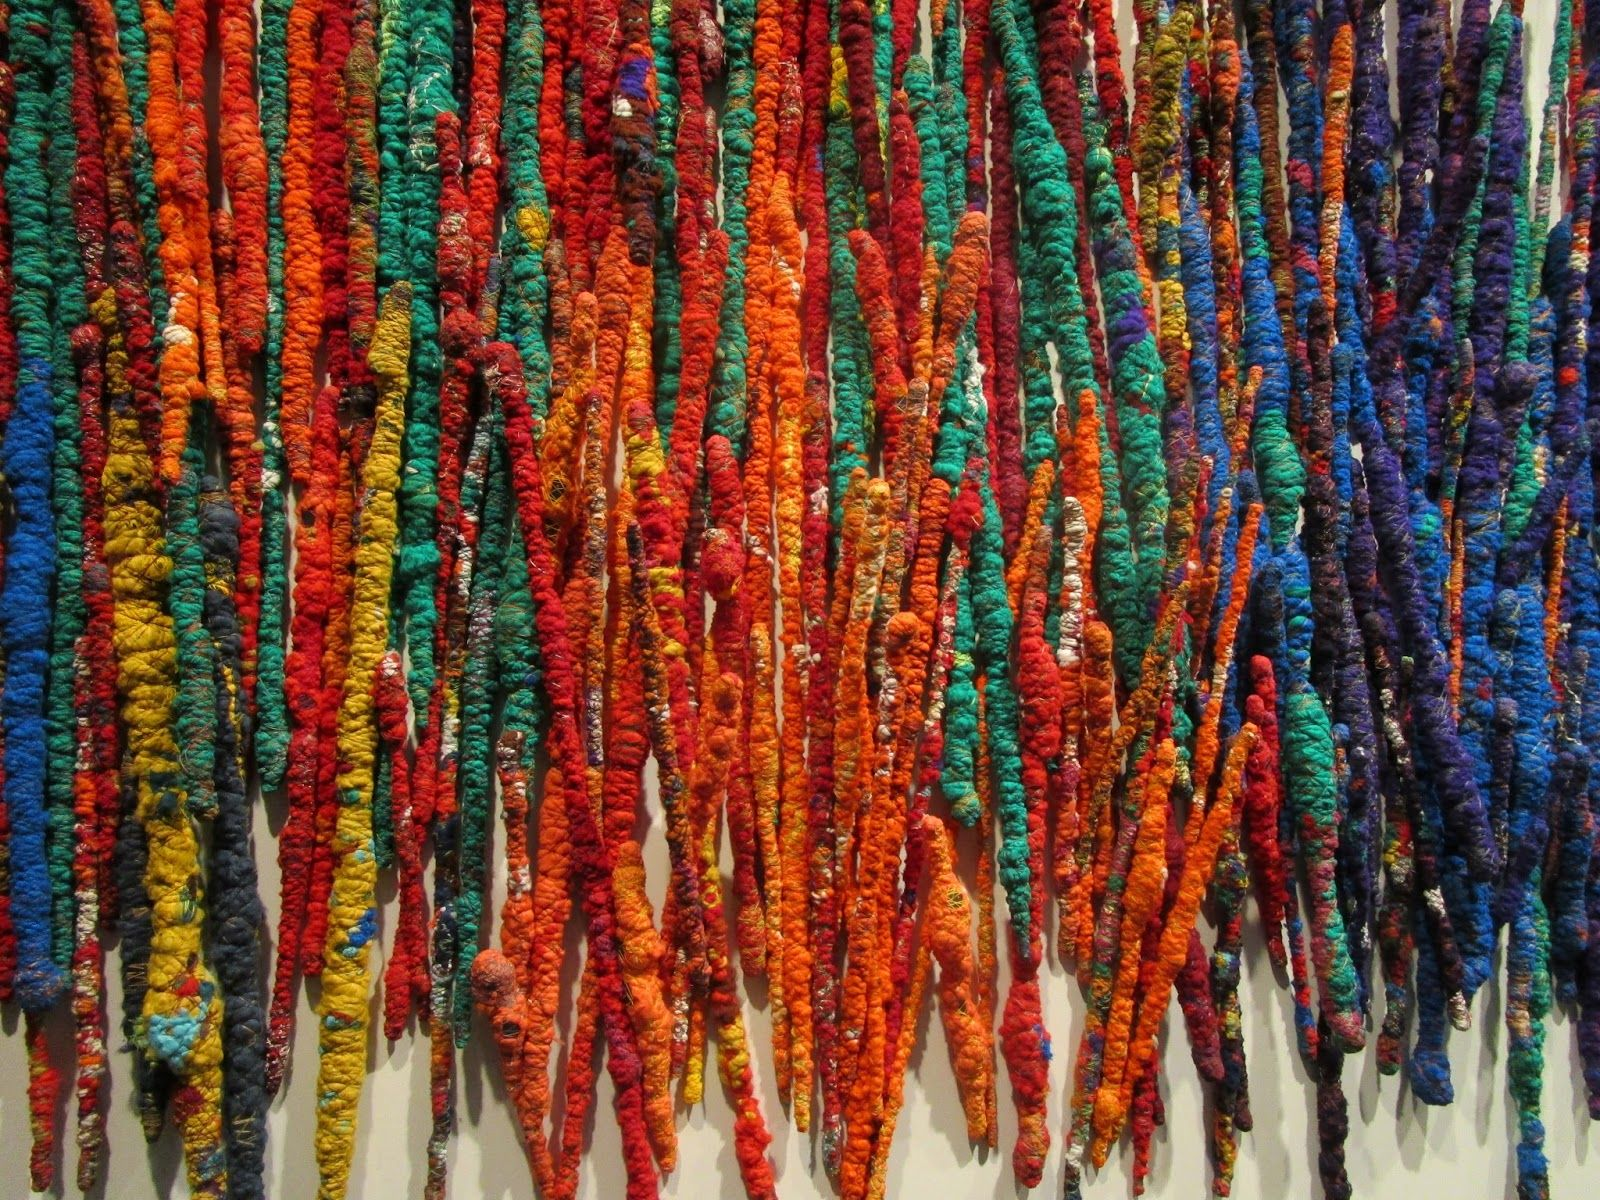 Sheila Hicks L Incroyable Conjugaison Du Verbe Coudre Sheila Hicks Art Corde Sculpture Textile Art Textile